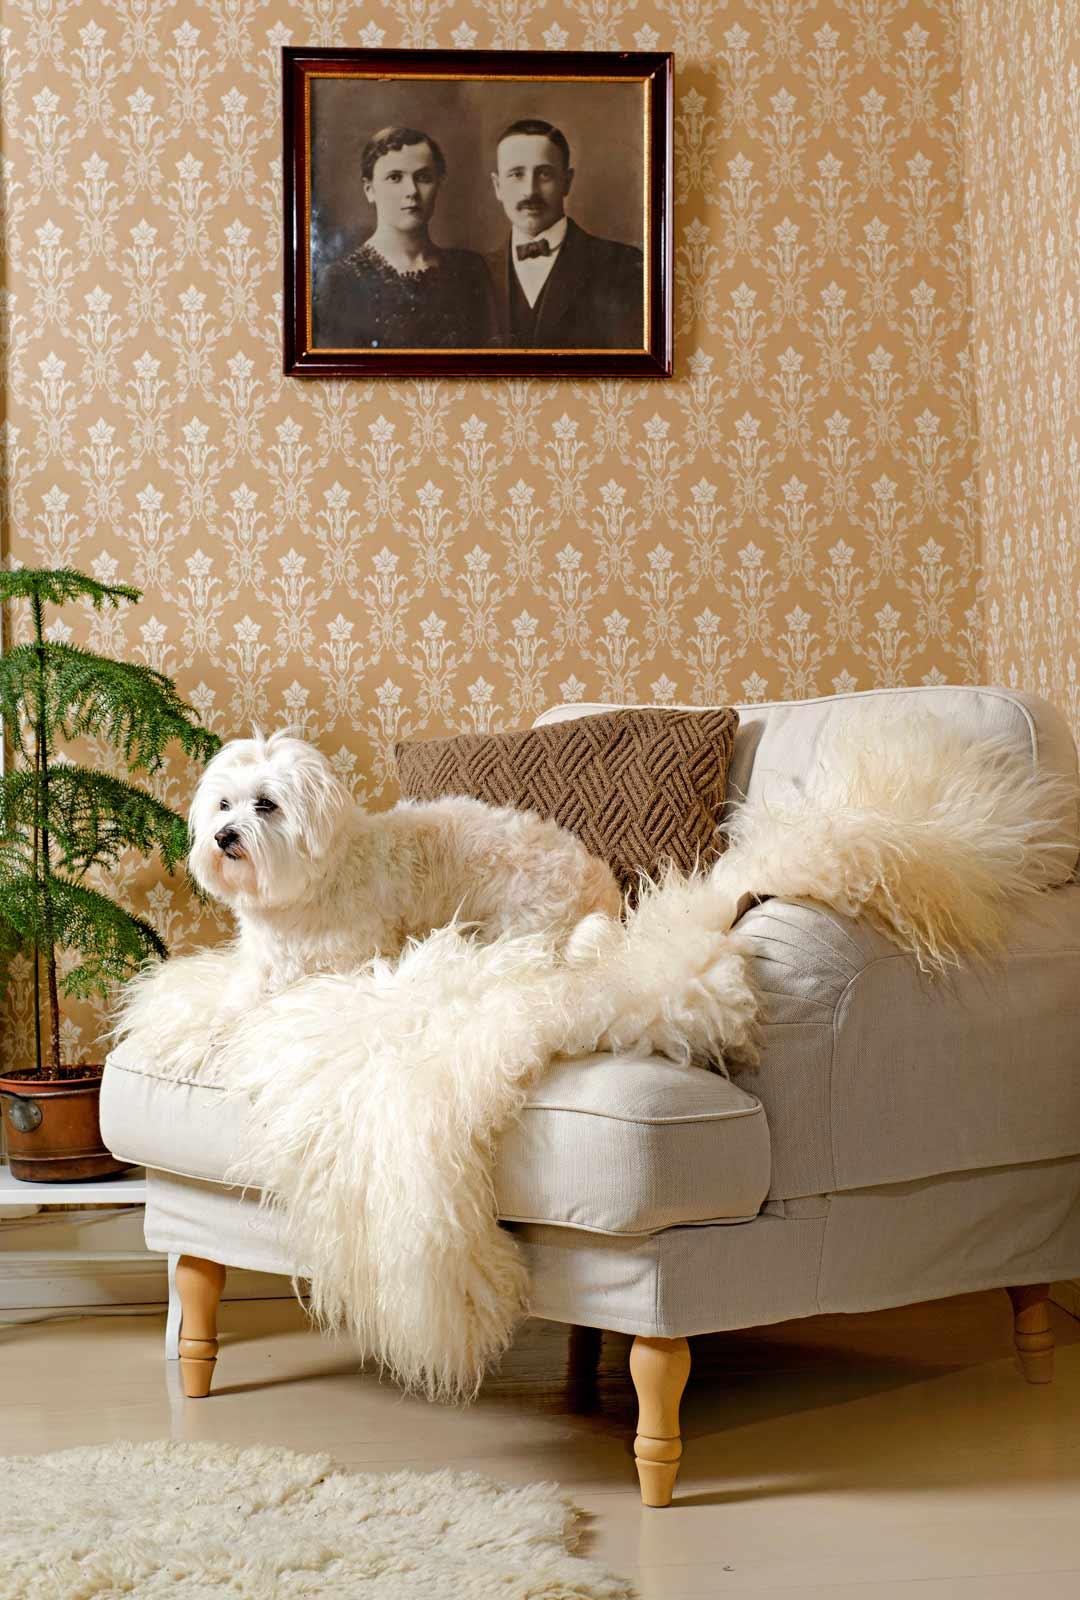 4-vuotias Coton de tulear -rotuinen Saga valitsee mielellään paikkansa kodin sohvalta tai nojatuolista.